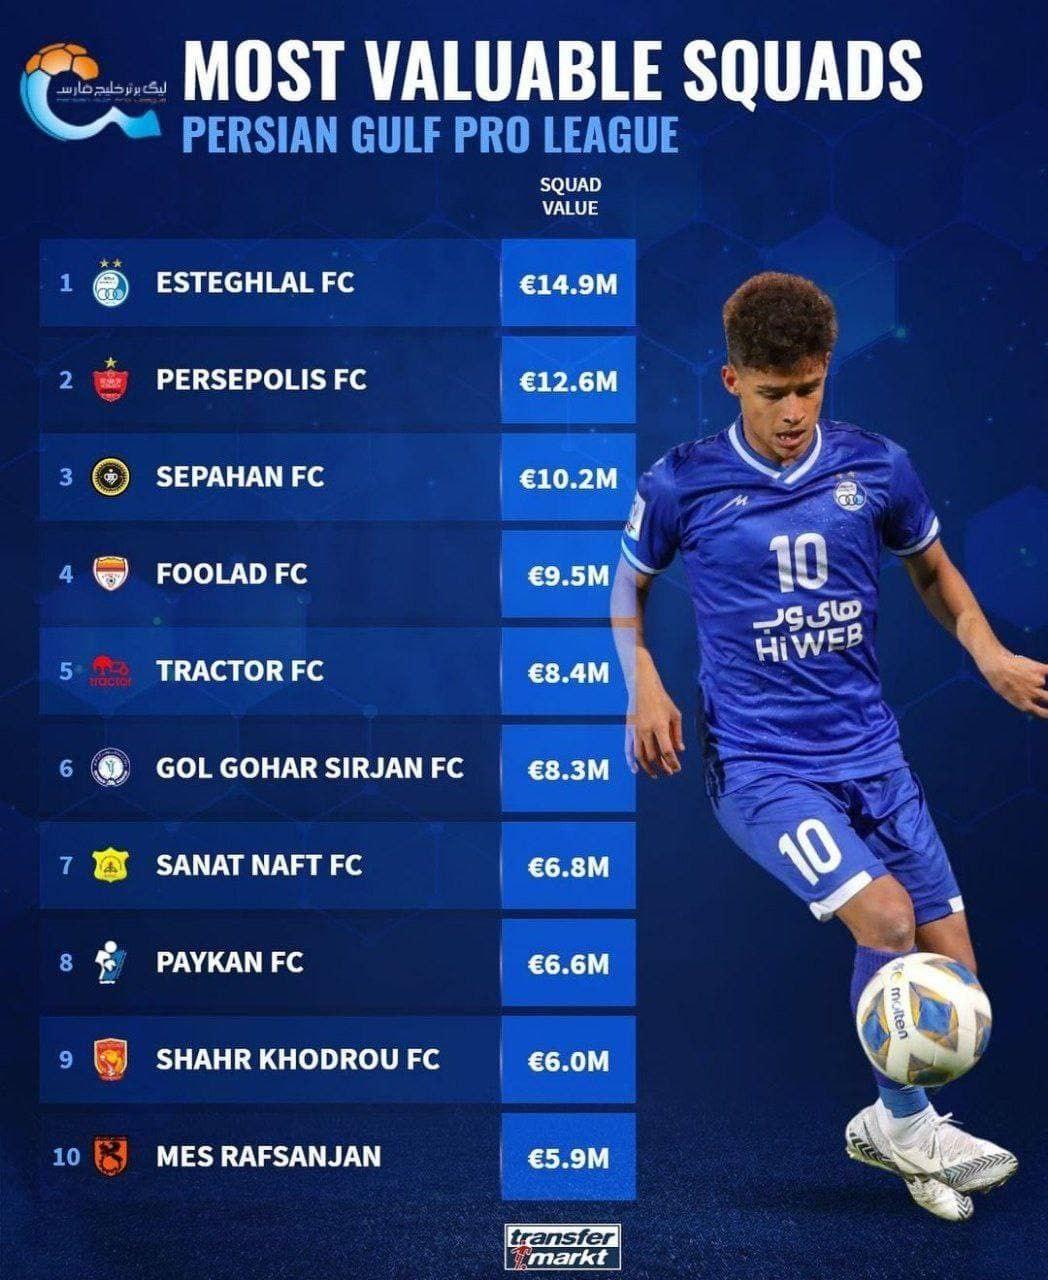 گرانترین باشگاه فوتبال ایران از نگاه سایت معتبر جهانی